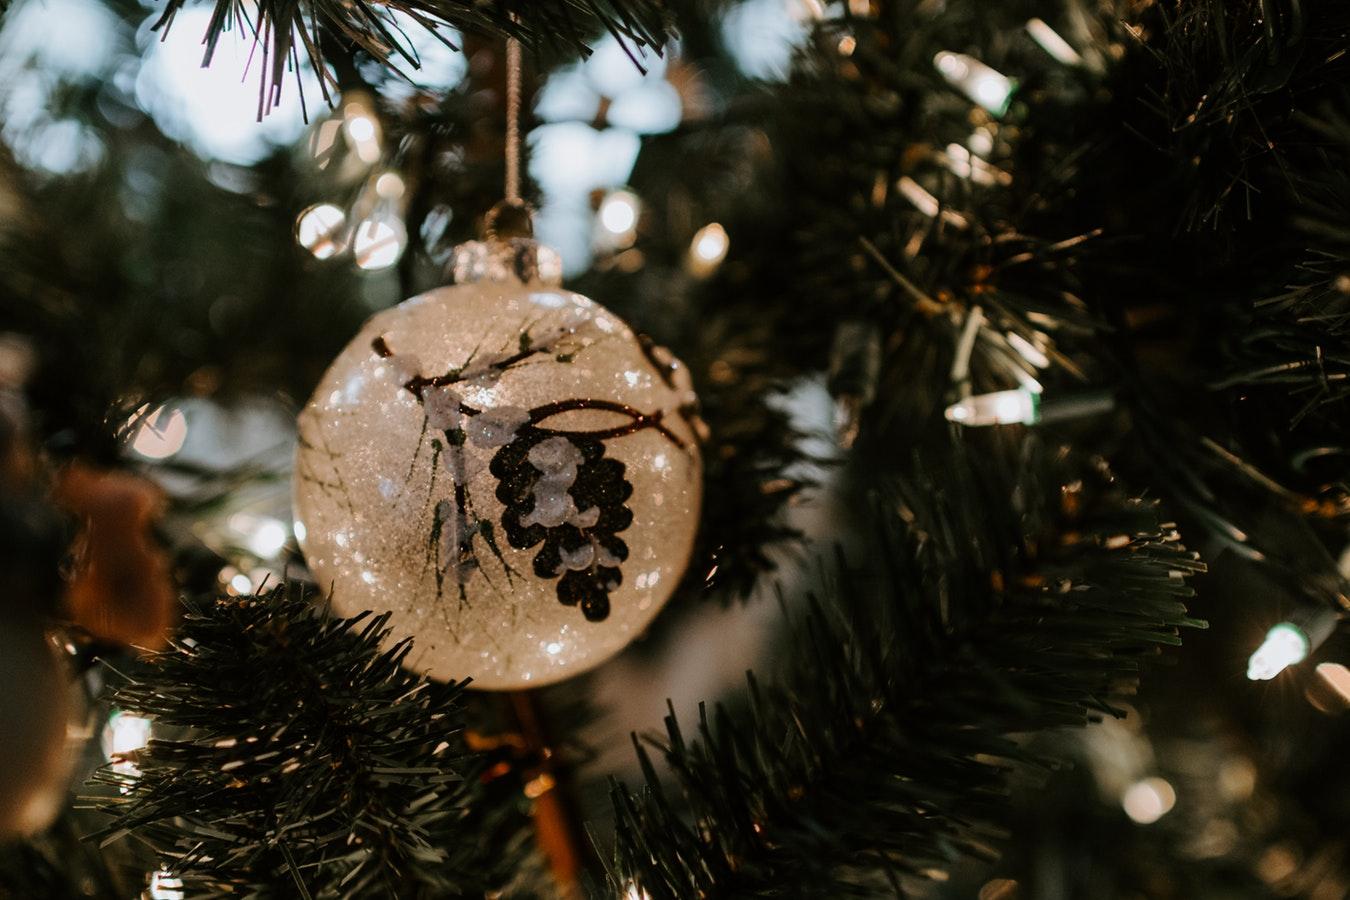 67c3a1d63e Az ünnepekkel kapcsolatban, és különösen a téli ünnepkör kapcsán nagyon sok  emberben él a karácsony tökéletes képe. Ez sok feszültséget okozhat, ...